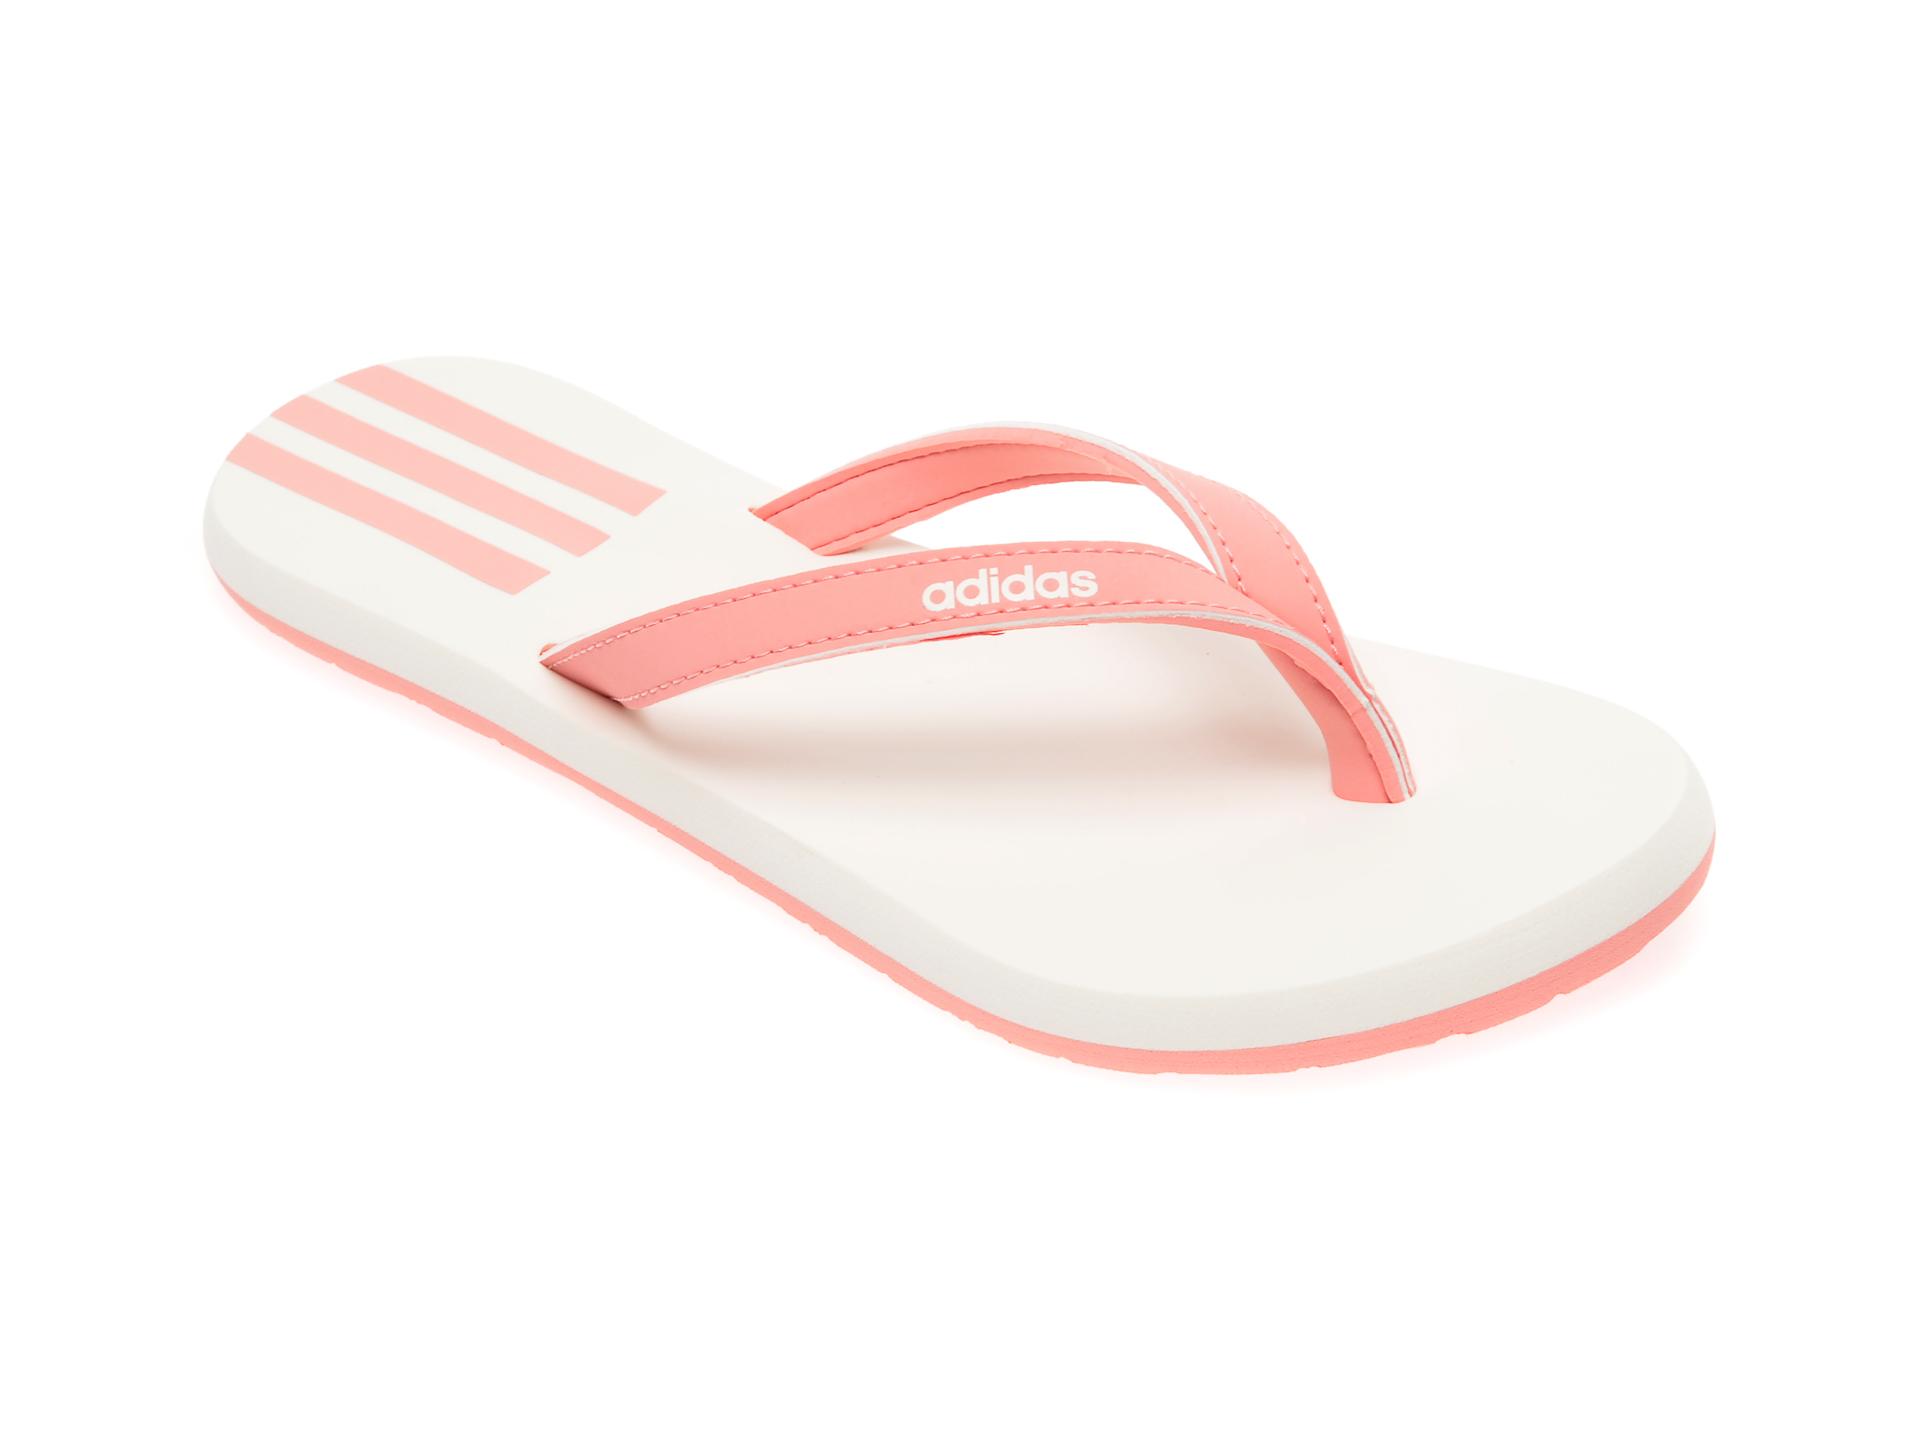 Papuci ADIDAS roz, Eezay Flip Flop, din piele ecologica